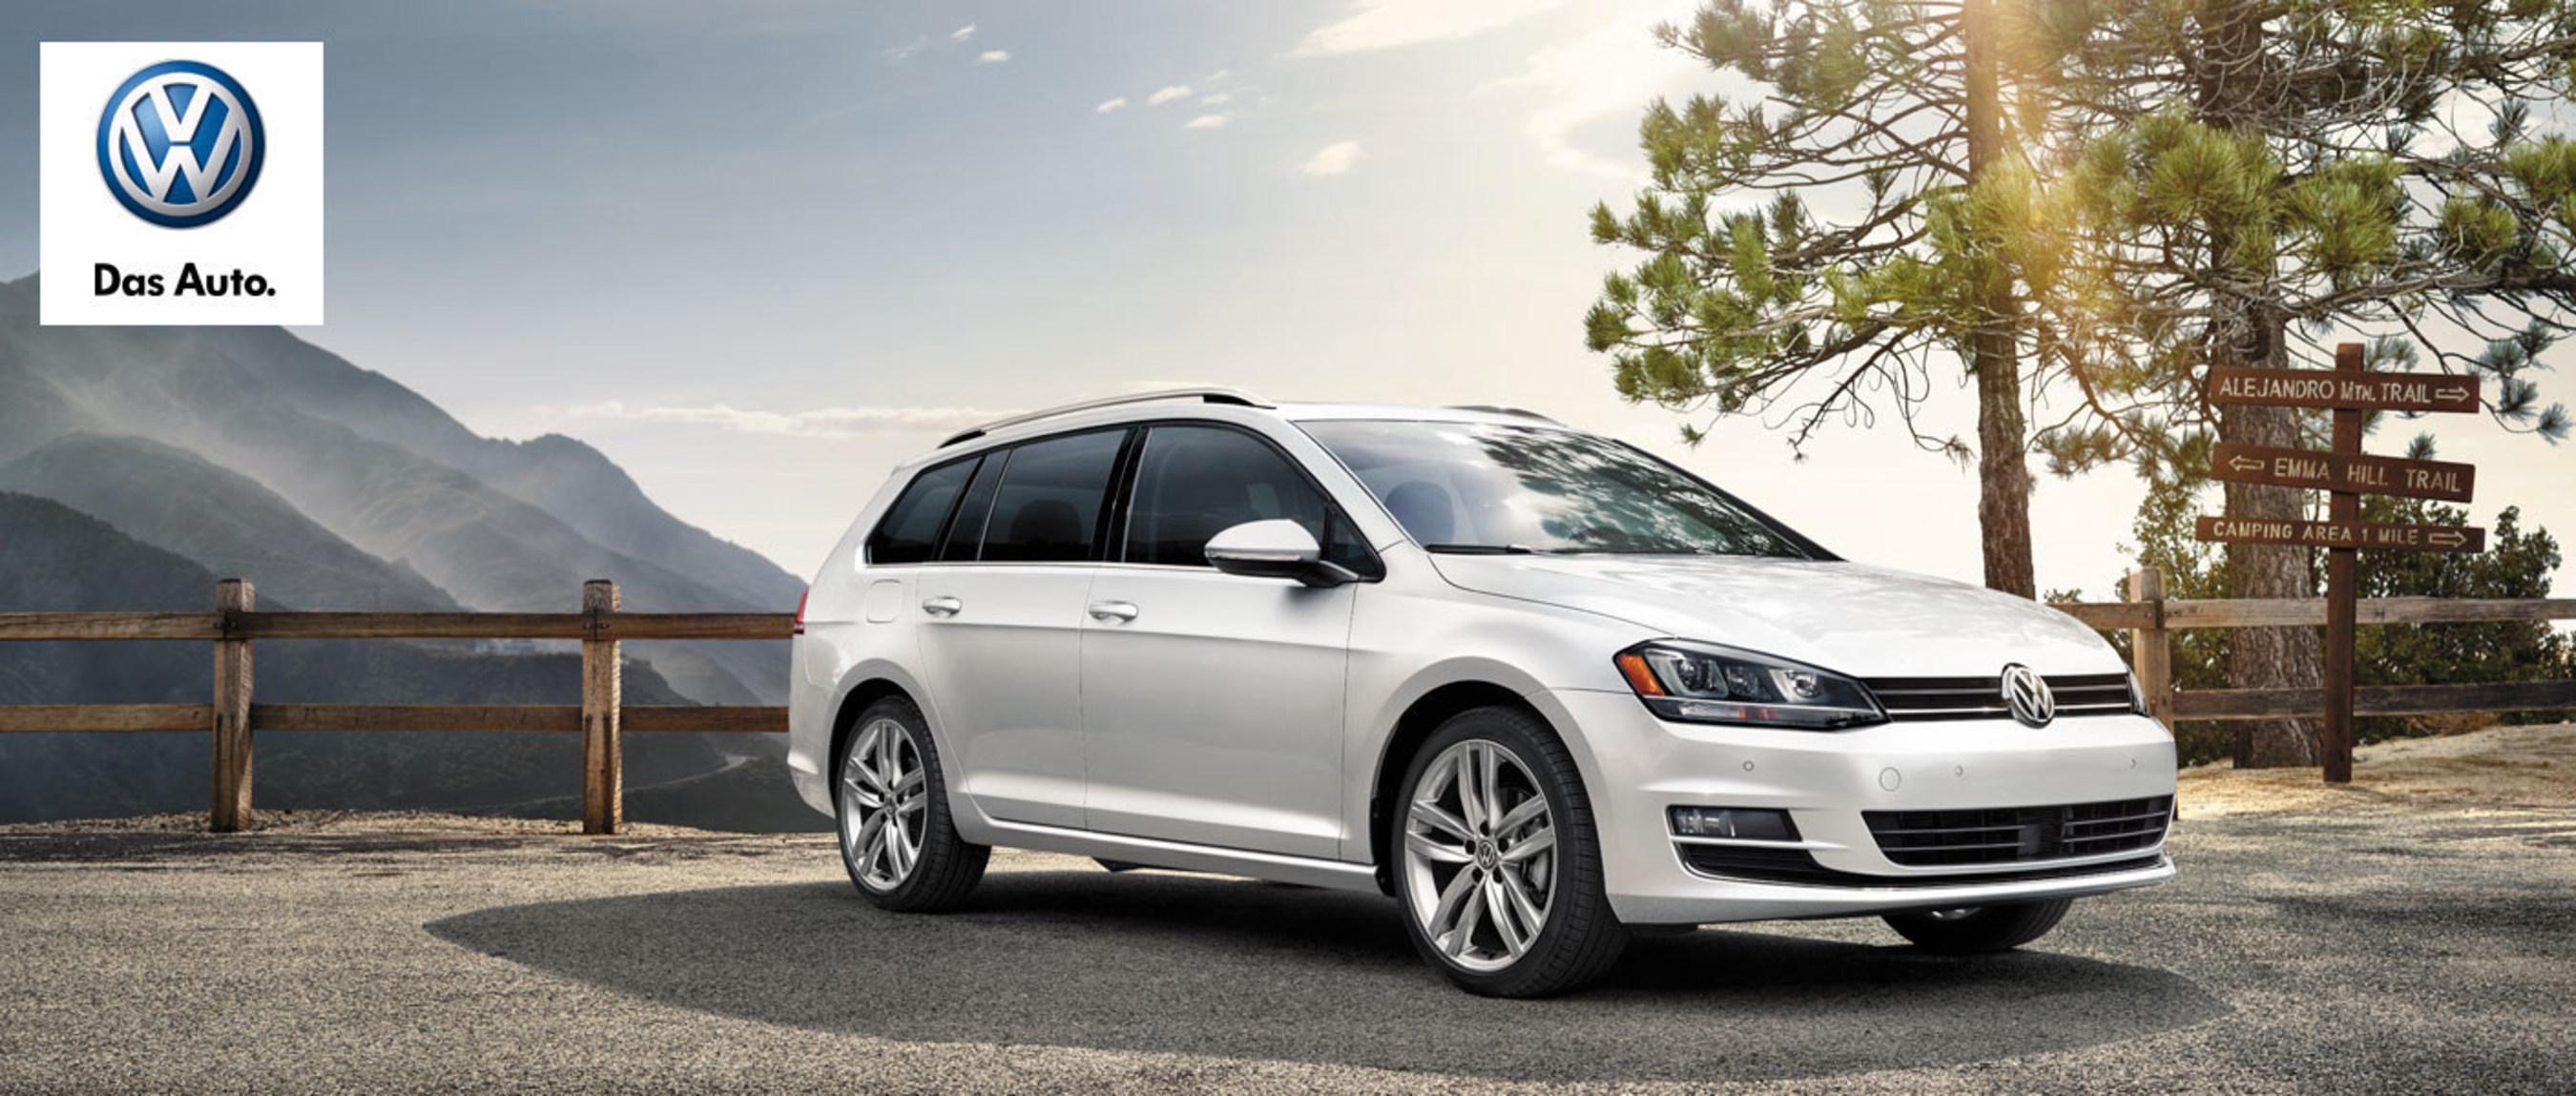 Puente Hills Volkswagen offers slick deals on synthetic oil changes